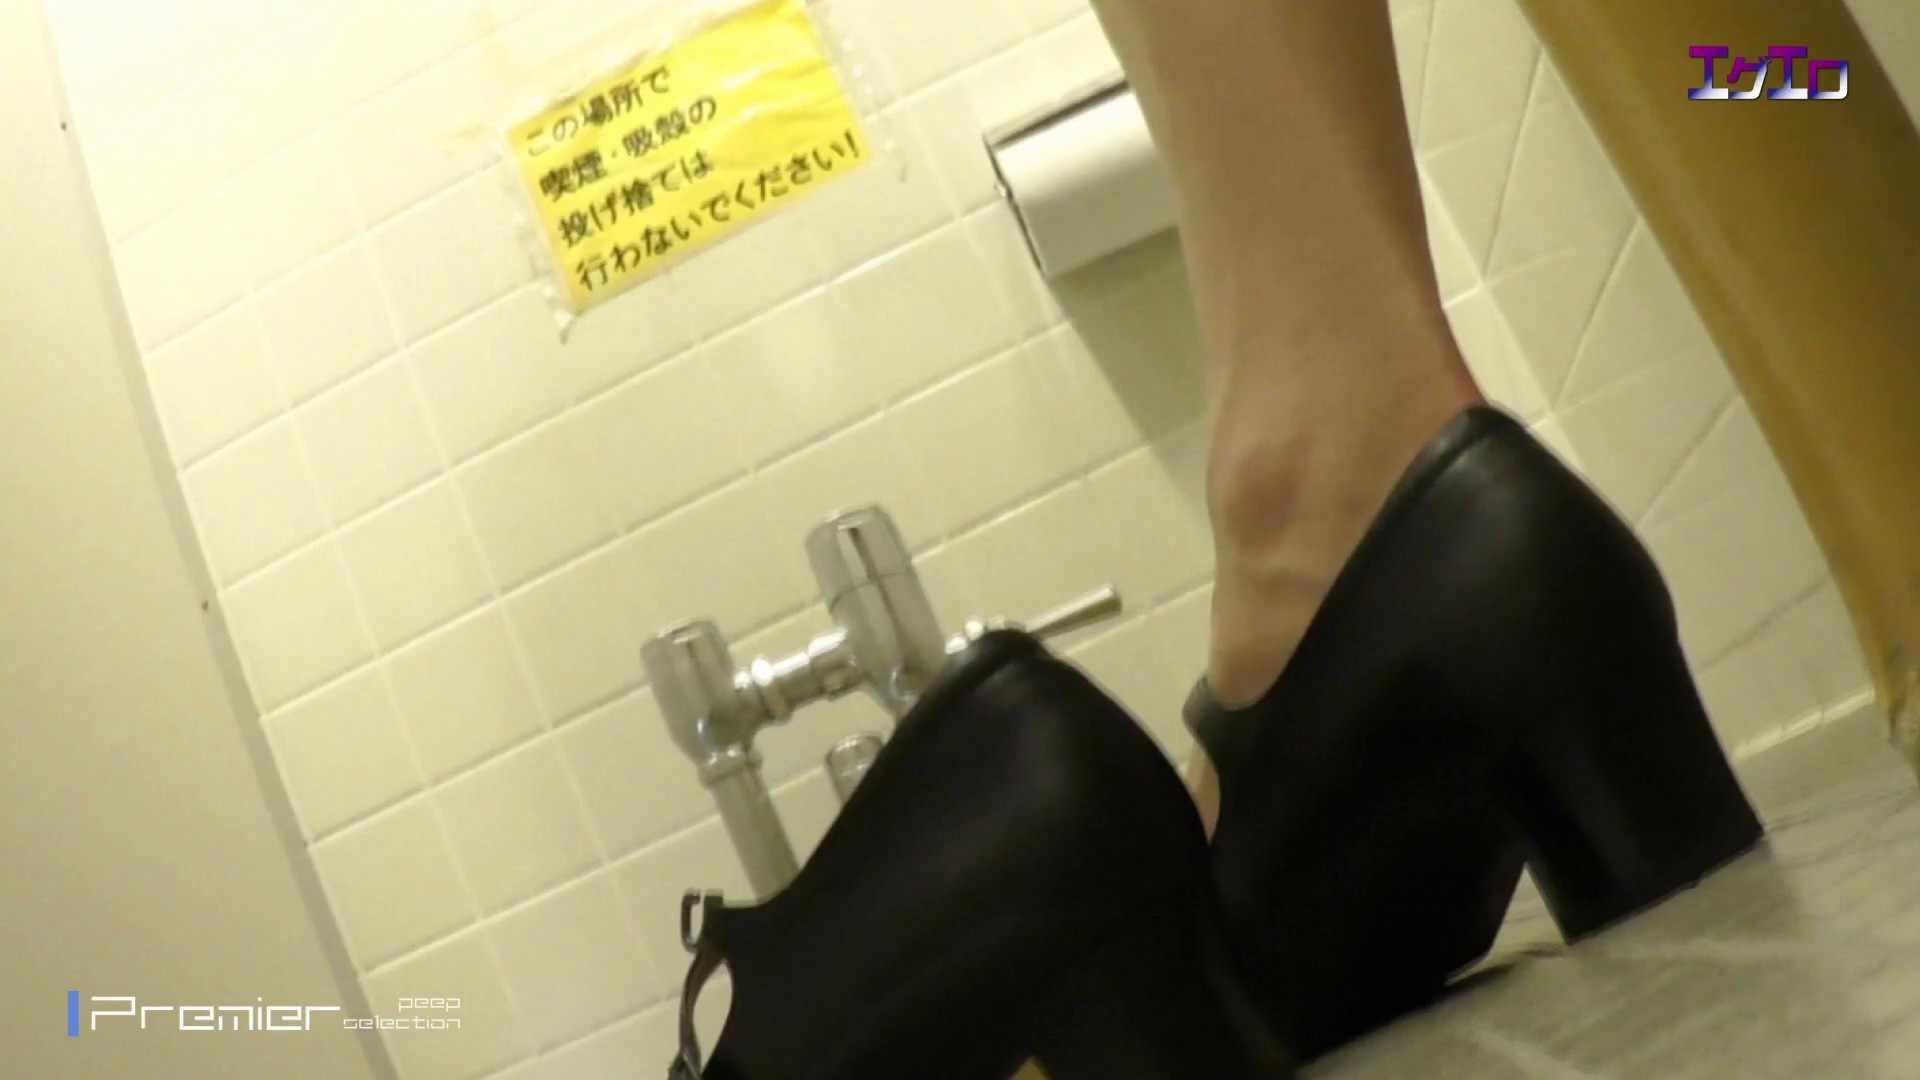 執念の撮影&追撮!!某女子校の通学路にあるトイレ 至近距離洗面所 Vol.16 トイレ  82pic 56